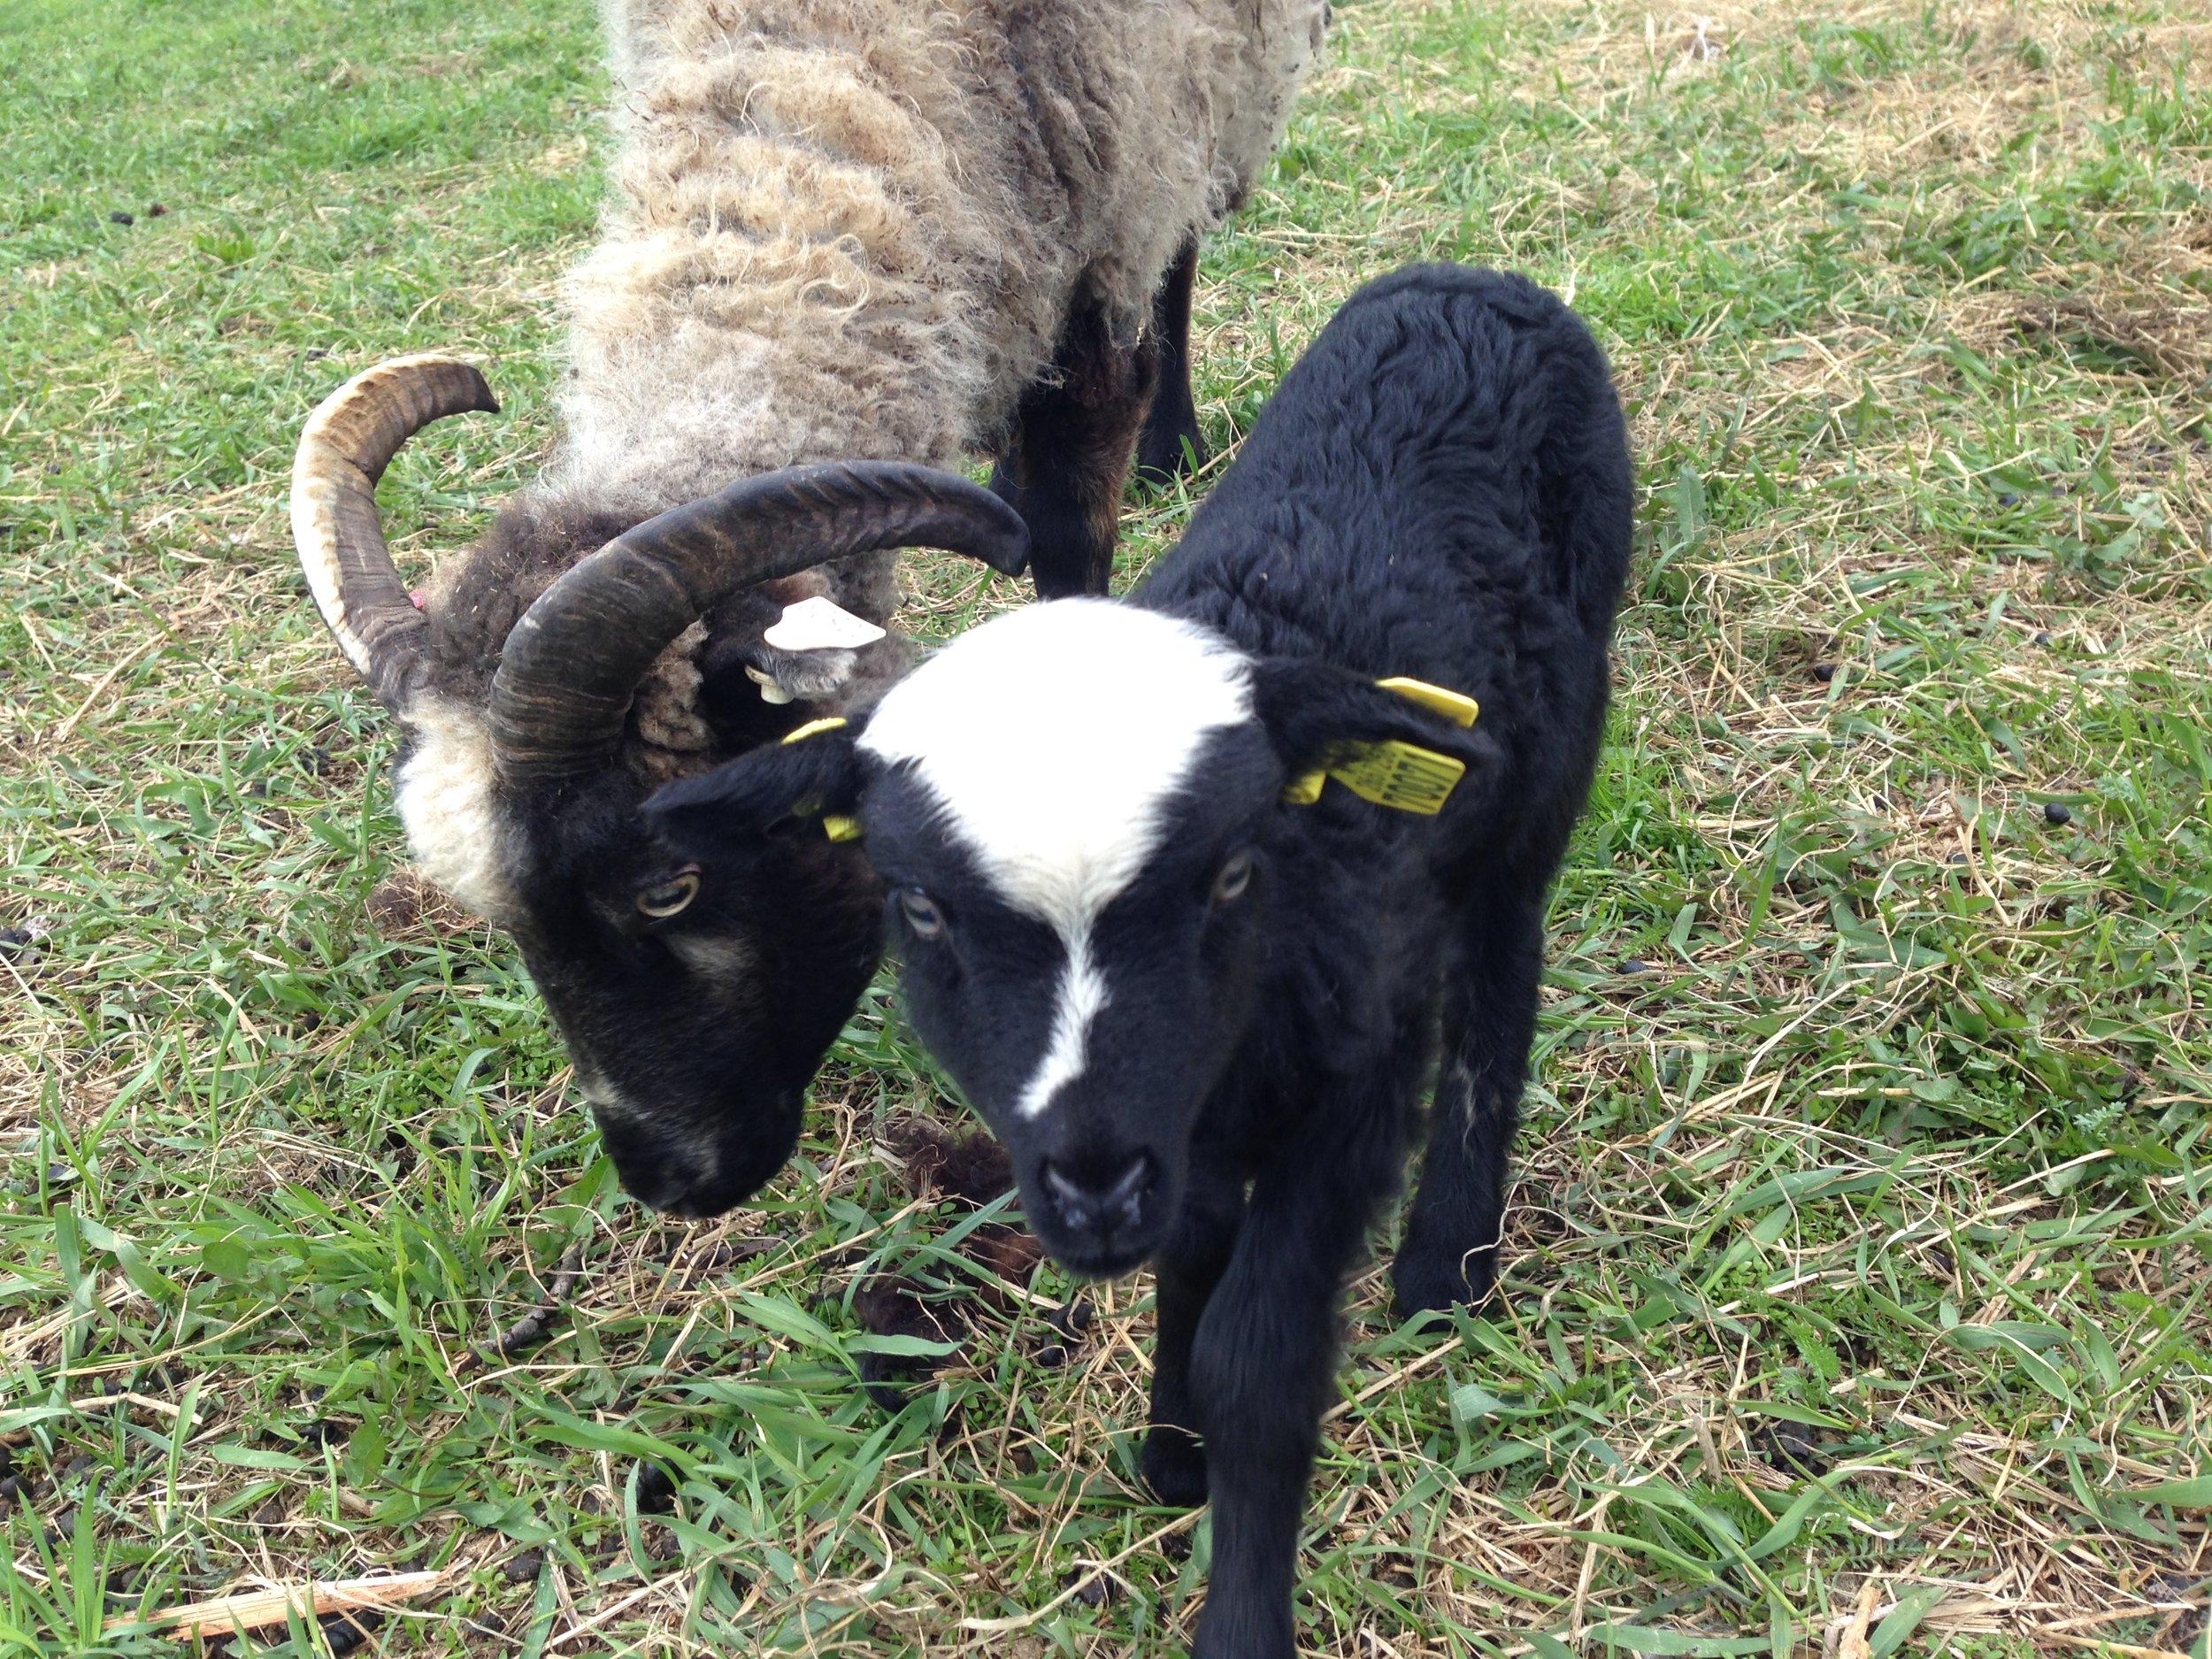 2017: Selma var sist ute i år også. Hun passer på sitt nydelige lam som en smed.